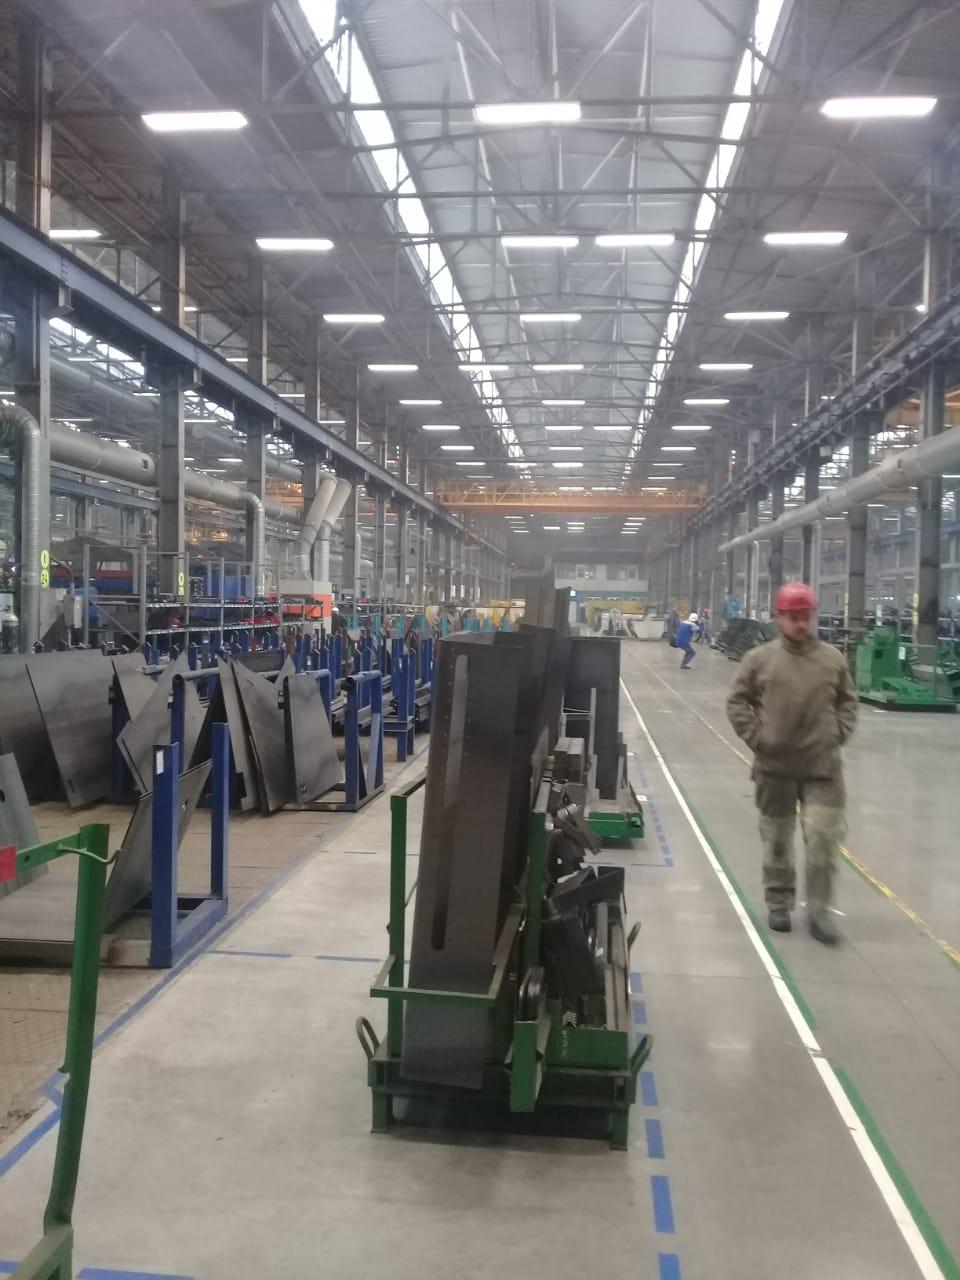 جولة لليوم السابع بمصنع جرارات السكة الحديد الروسى (20)